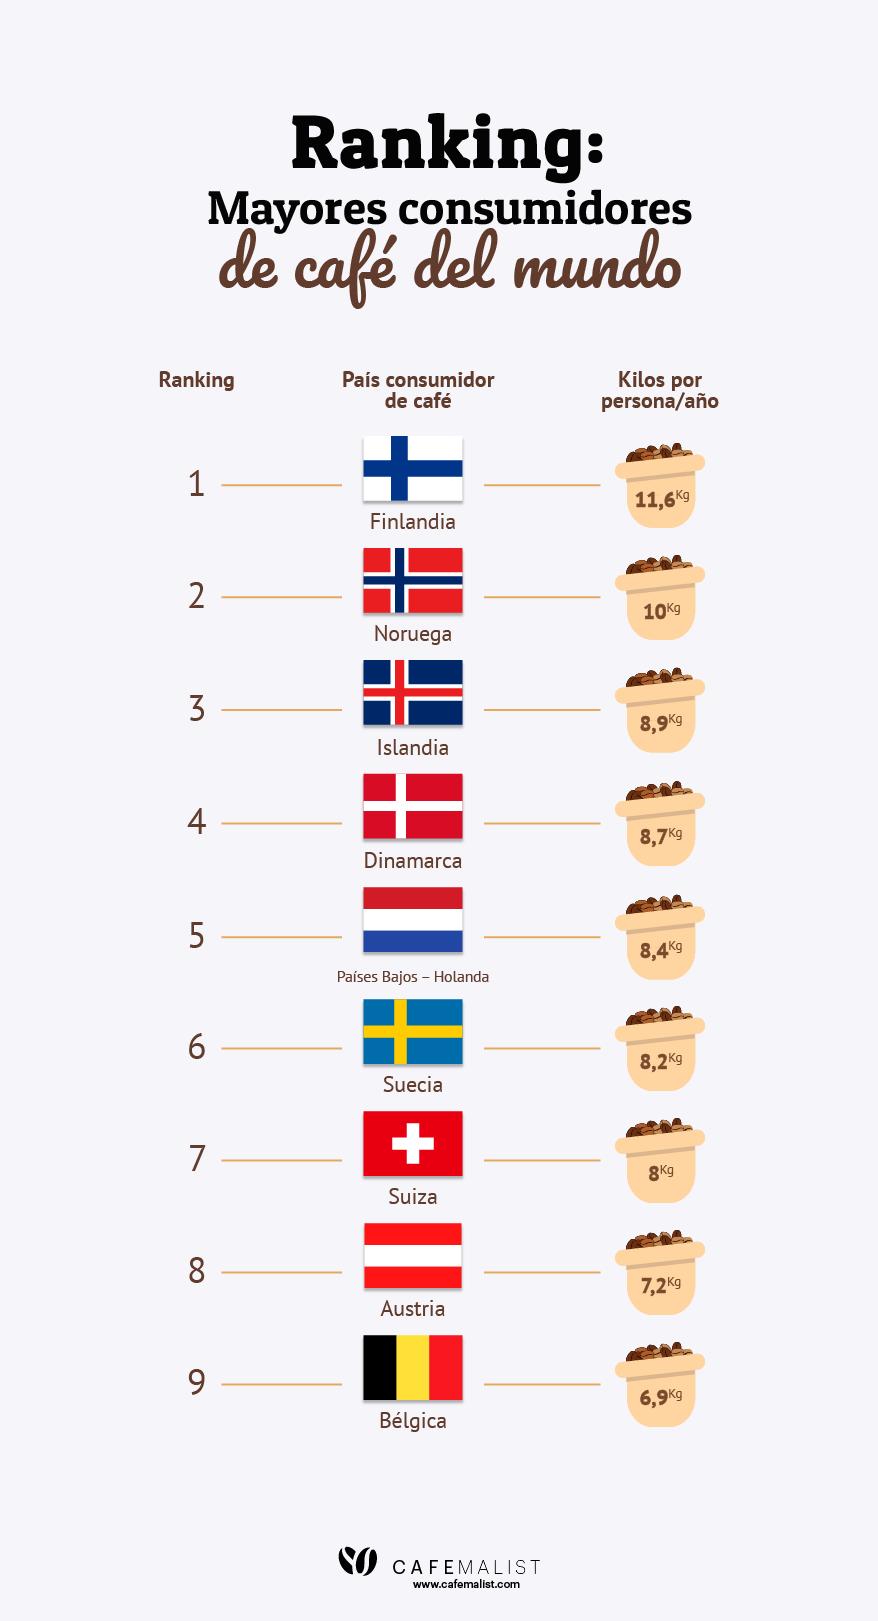 infografia ranking de los mayores consumidores de cafe del mundo